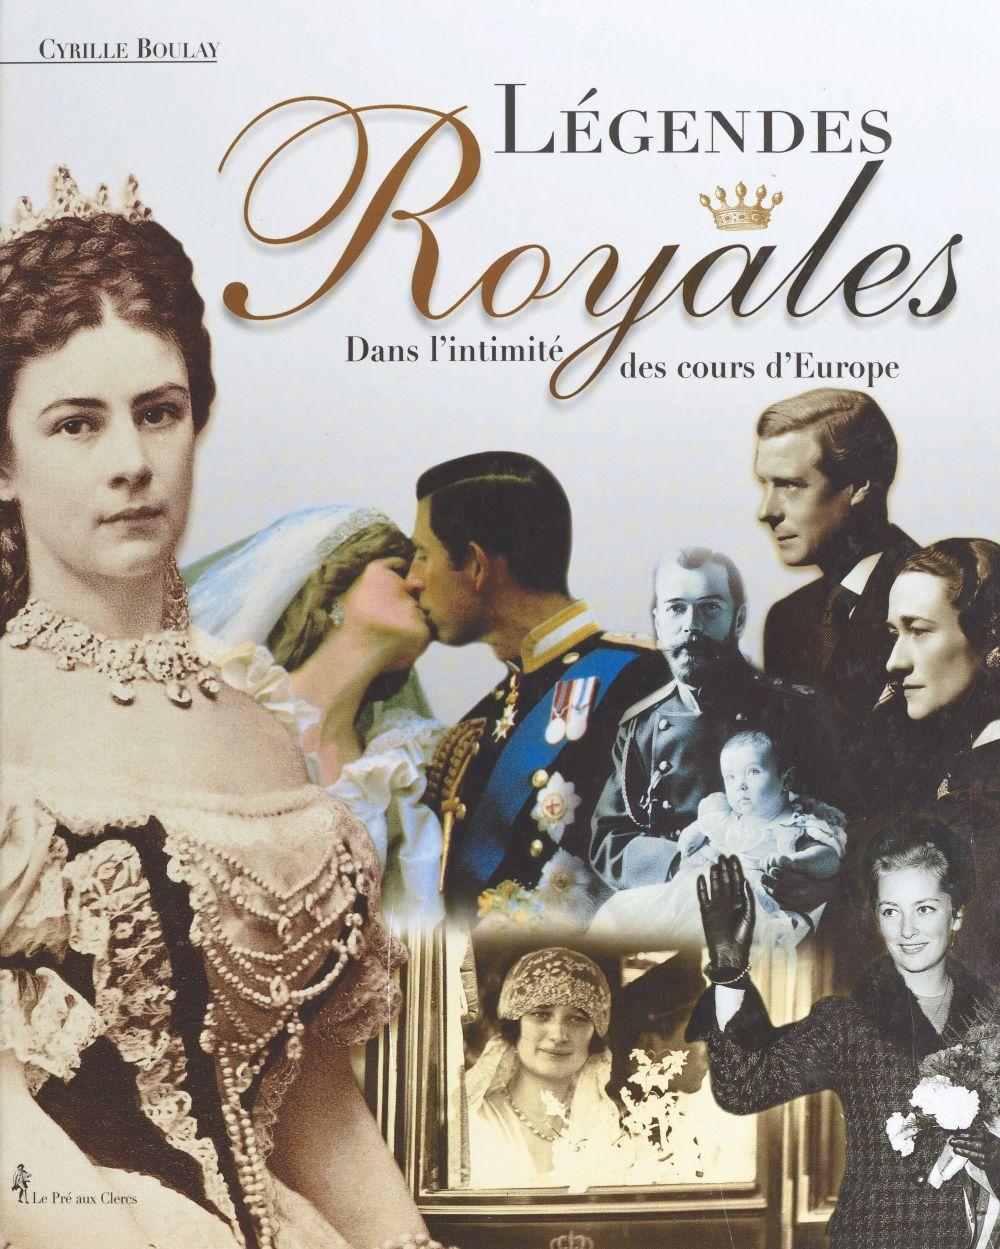 Légendes royales : dans l'intimité des cours d'Europe